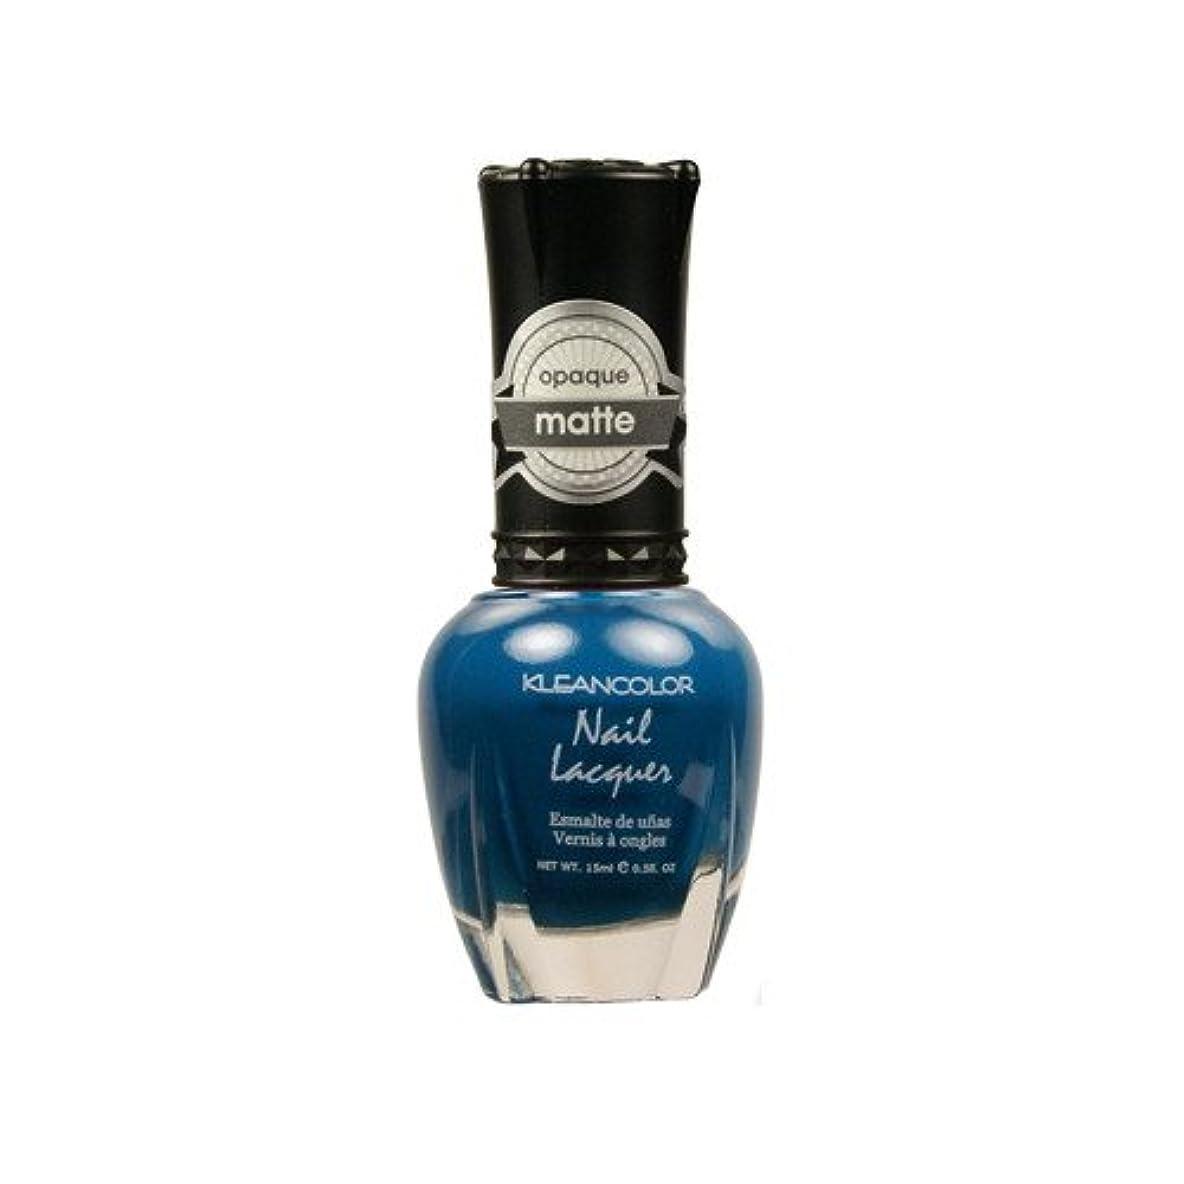 有望マットである(3 Pack) KLEANCOLOR Matte Nail Lacquer - Sensual Lagoon (並行輸入品)